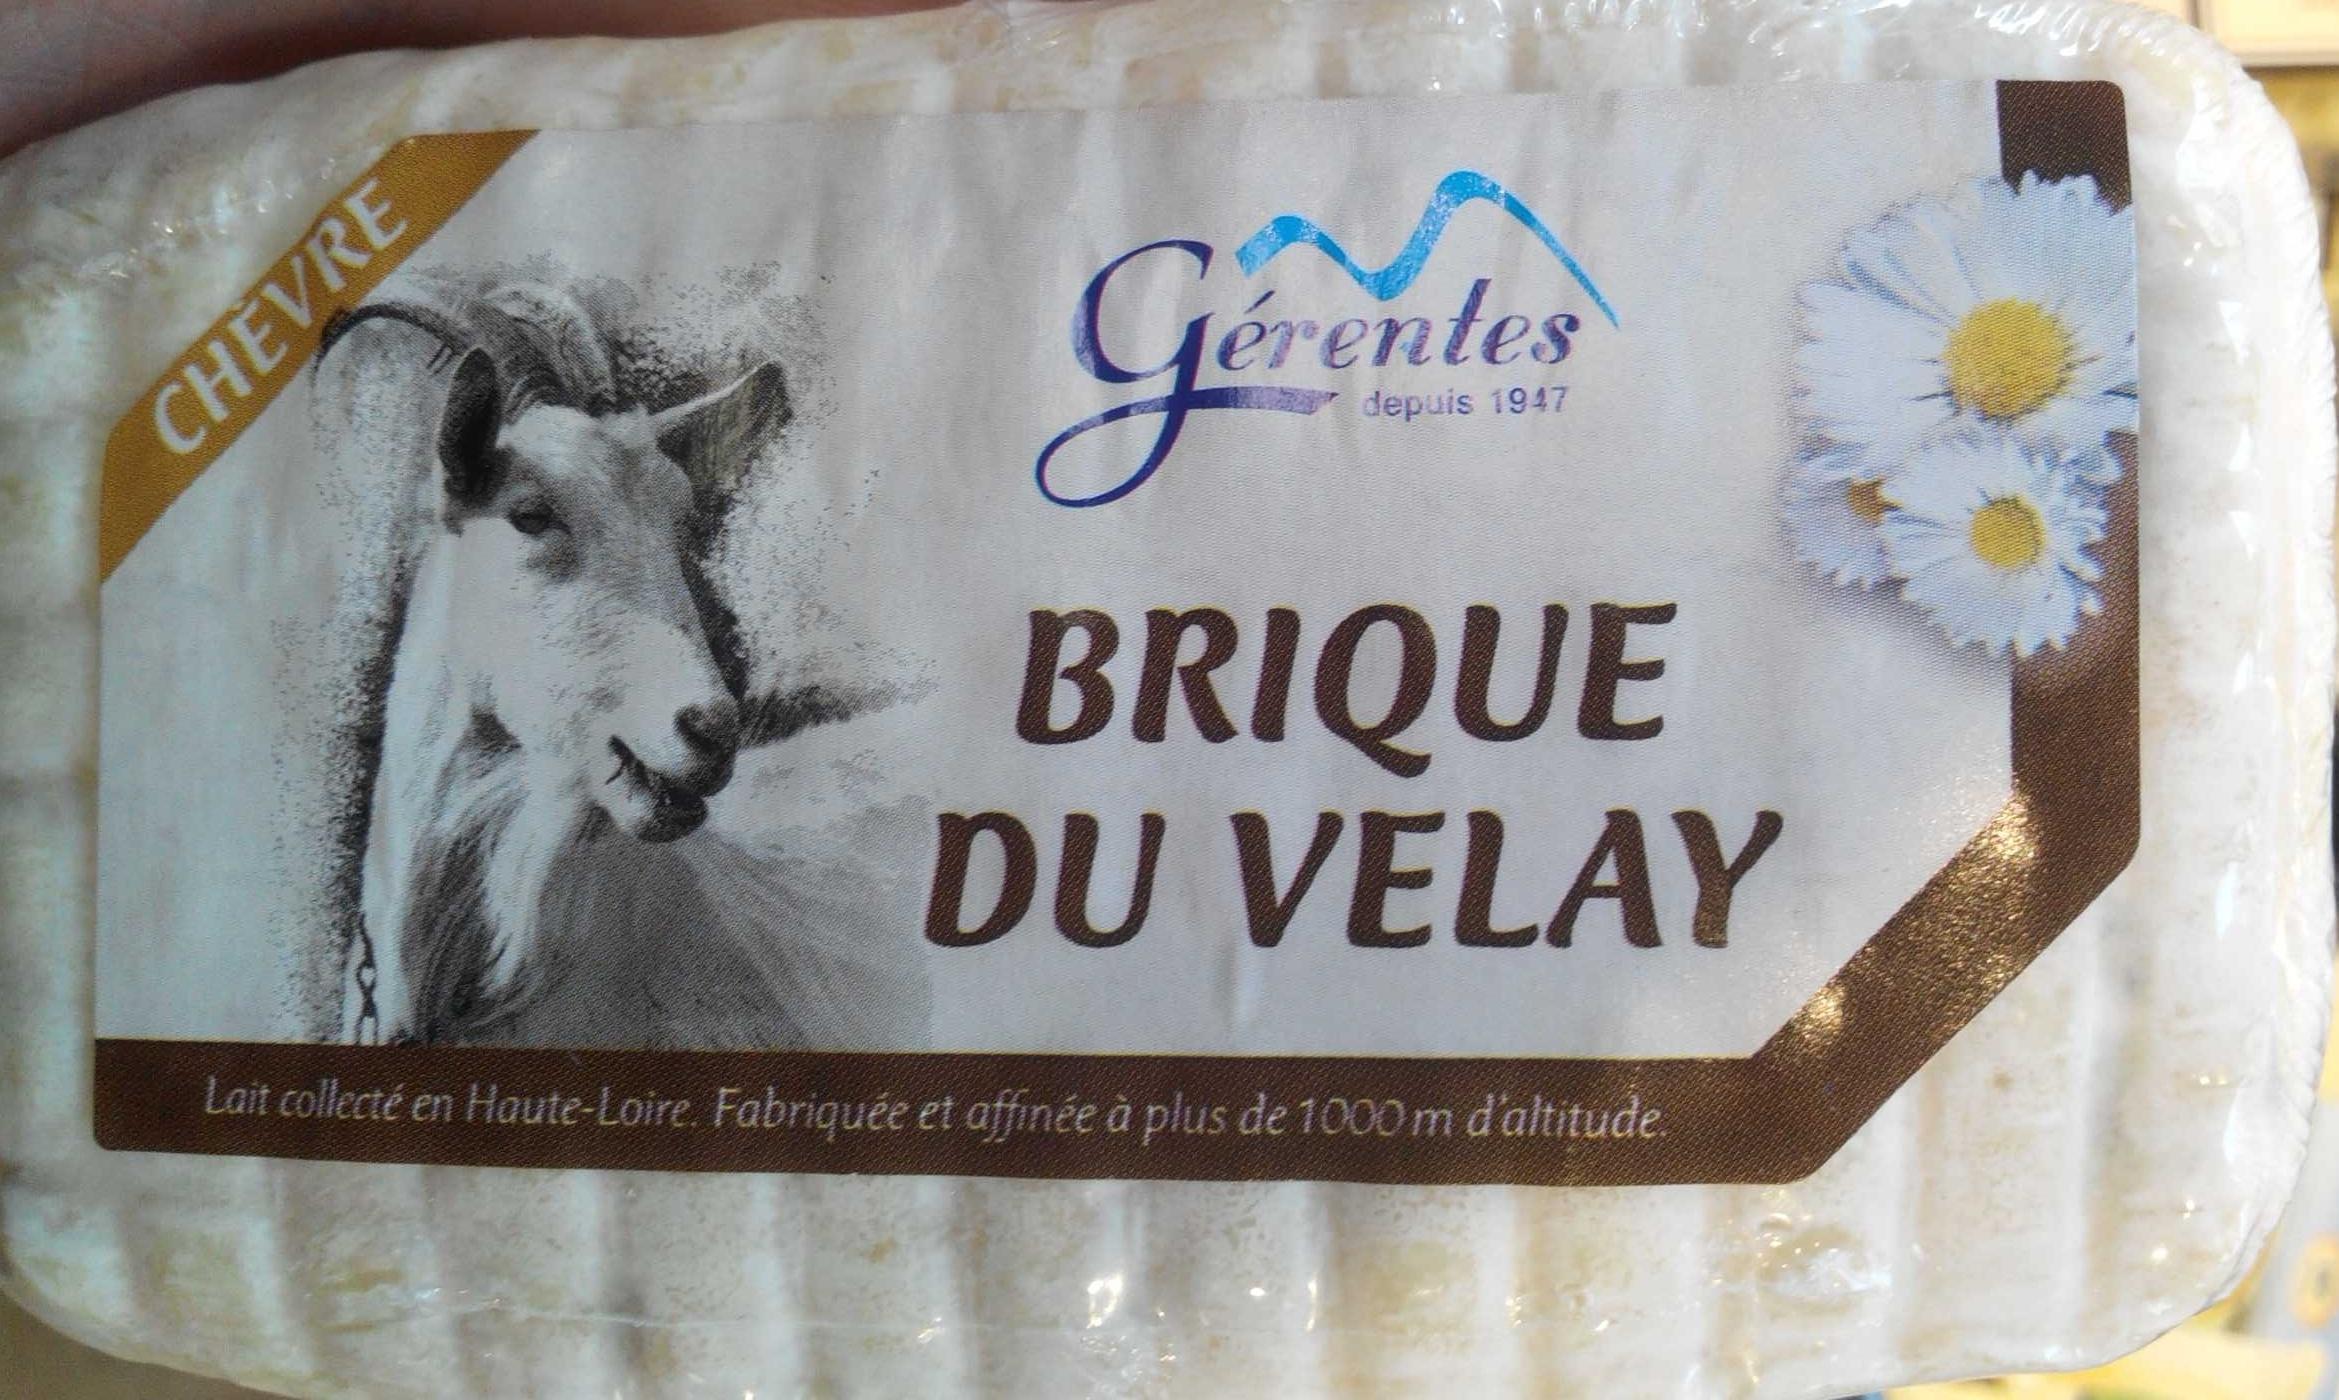 Brique du Velay (25 % MG) - Product